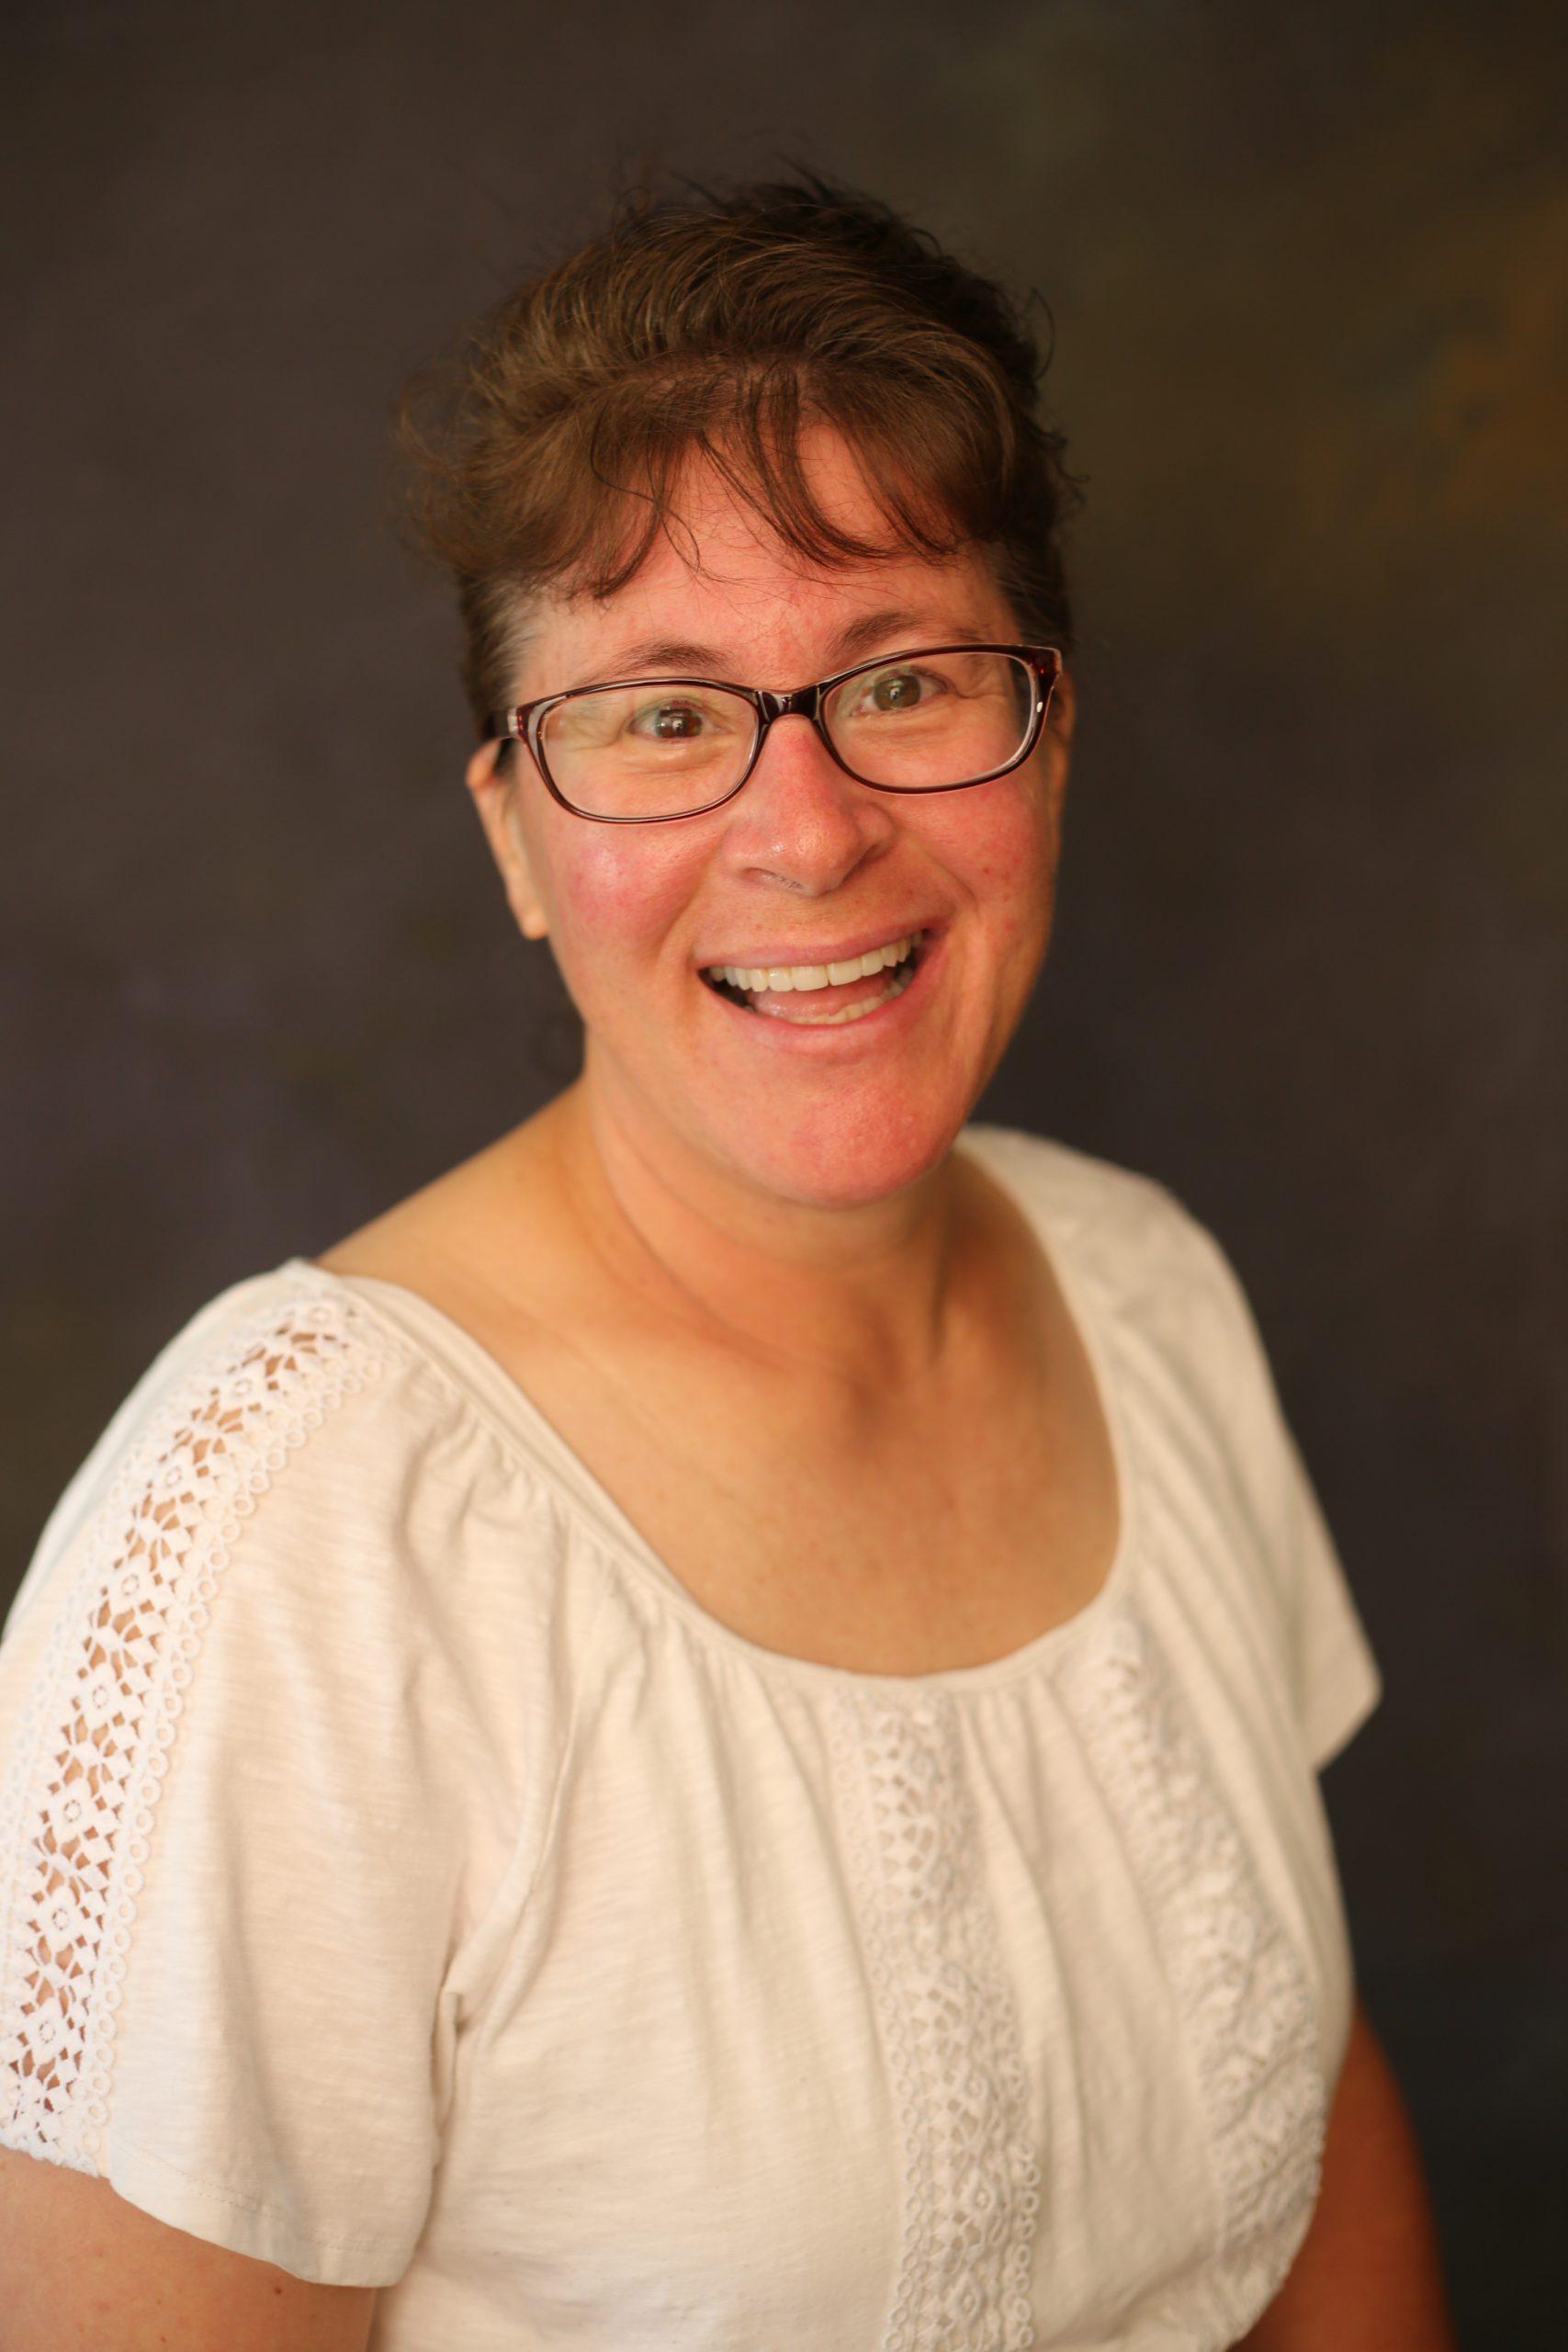 Denise Ferro